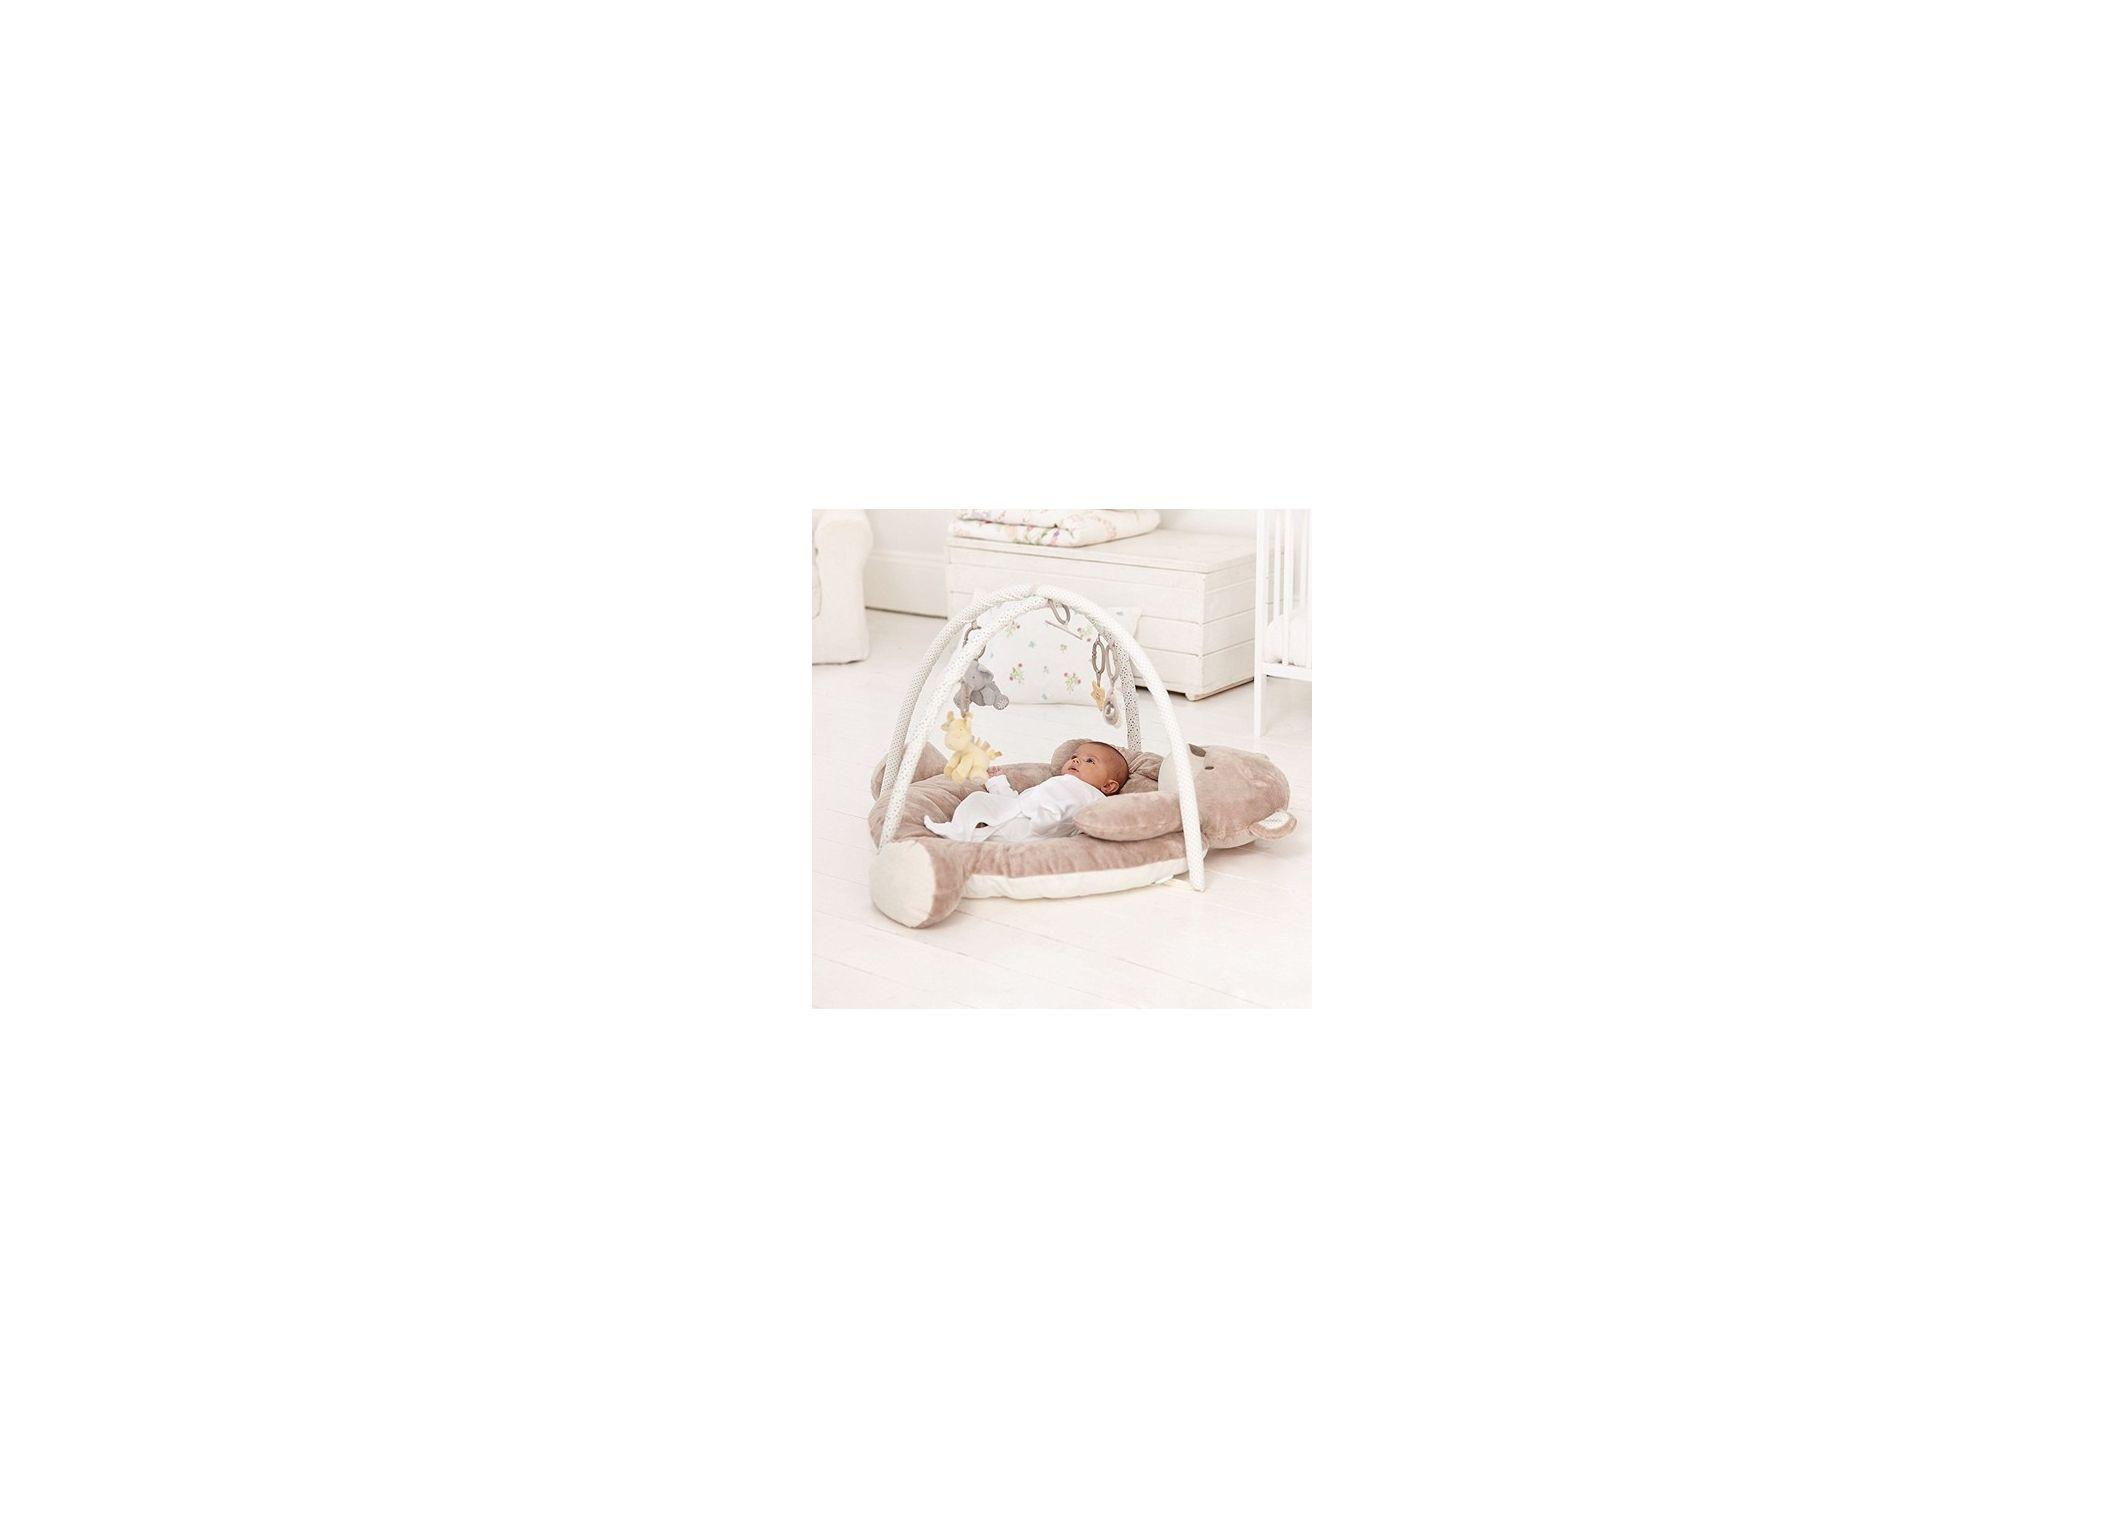 Tapis d'Éveil Ourson Gris/Blanc Mothercare